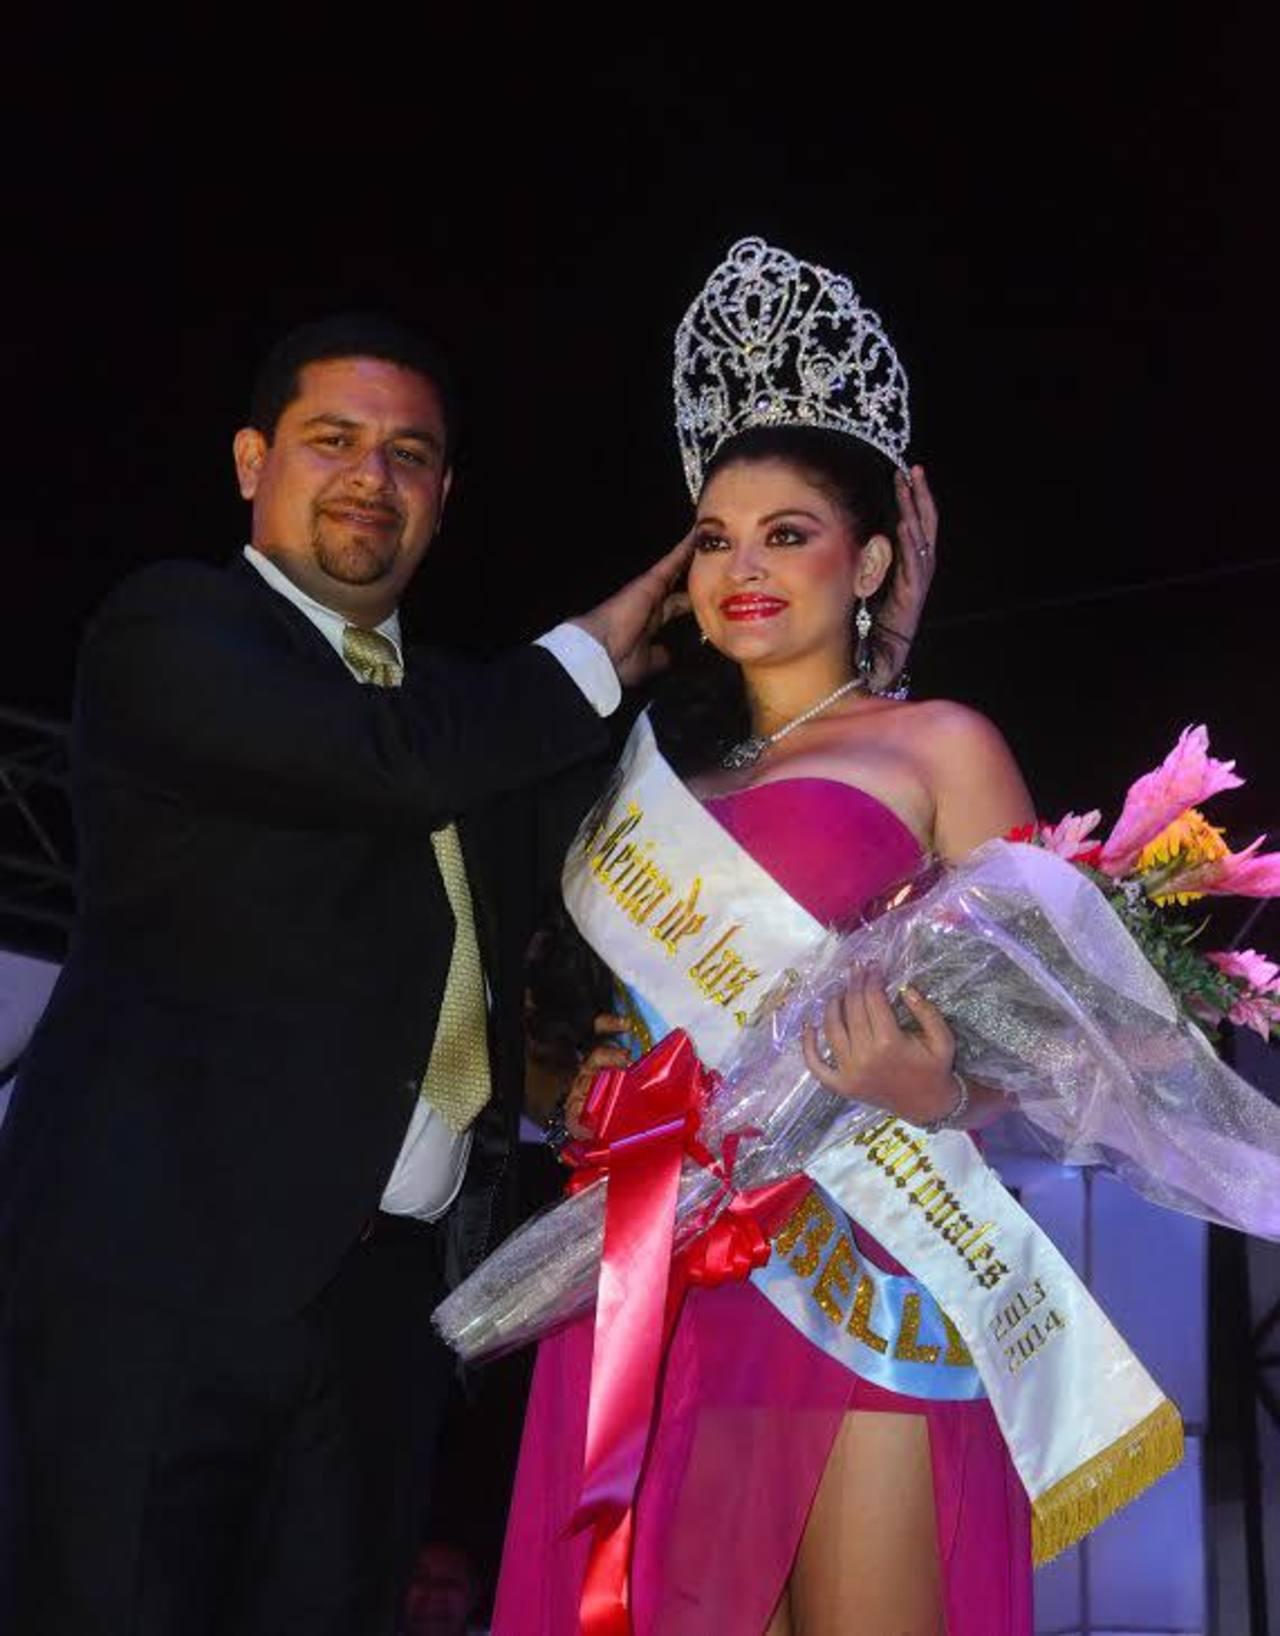 El alcalde Milla coronó a la nueva soberana de los festejos patronales. Foto EDH/ Insy Mendoza